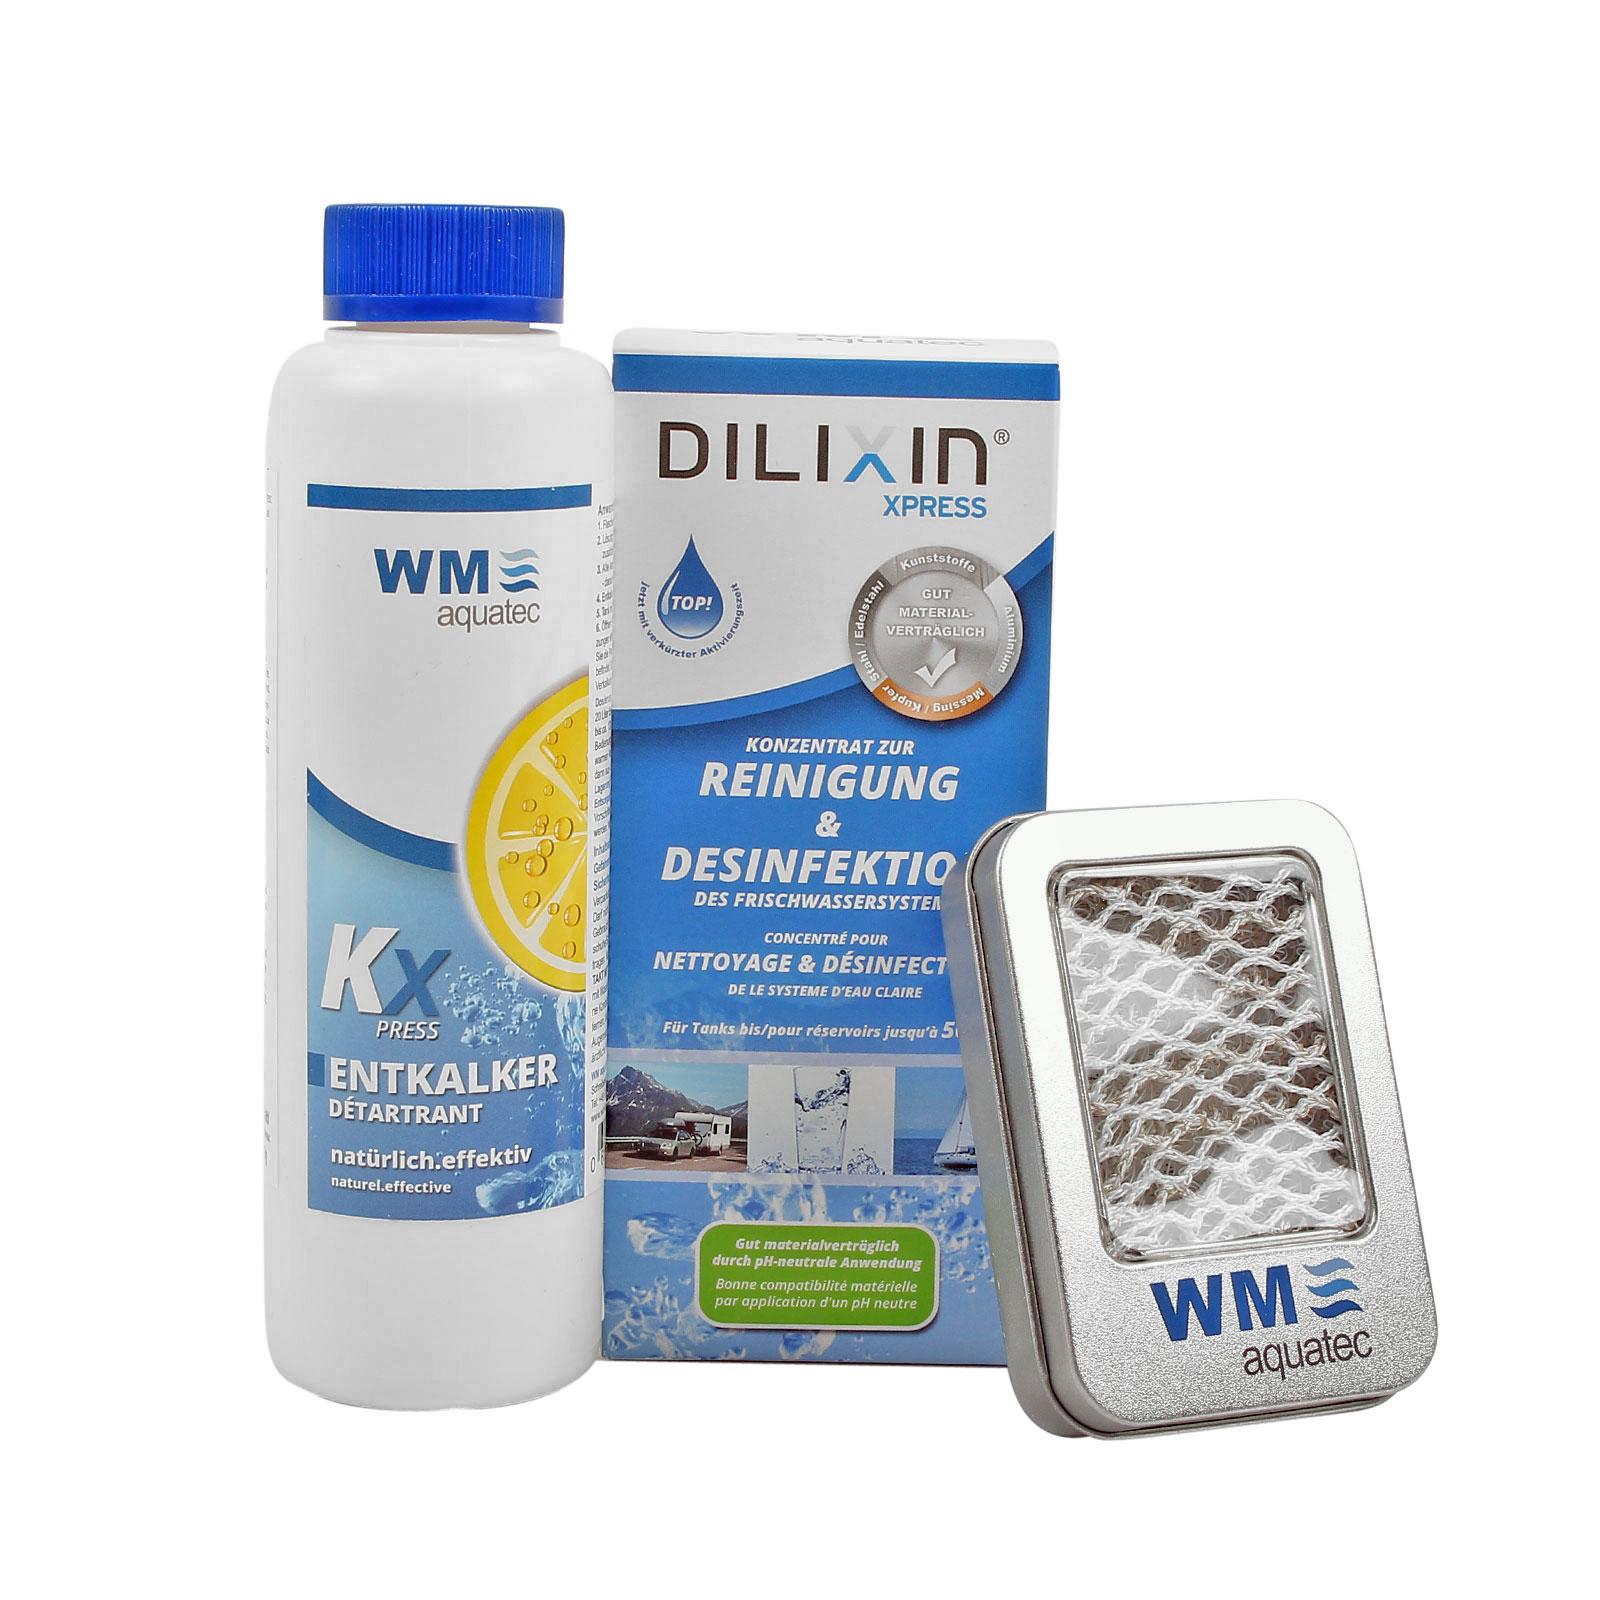 Hygiene Trio Frischwassersystem bis 50 Ltr Entkalker, Desinfektion, Silbernetz